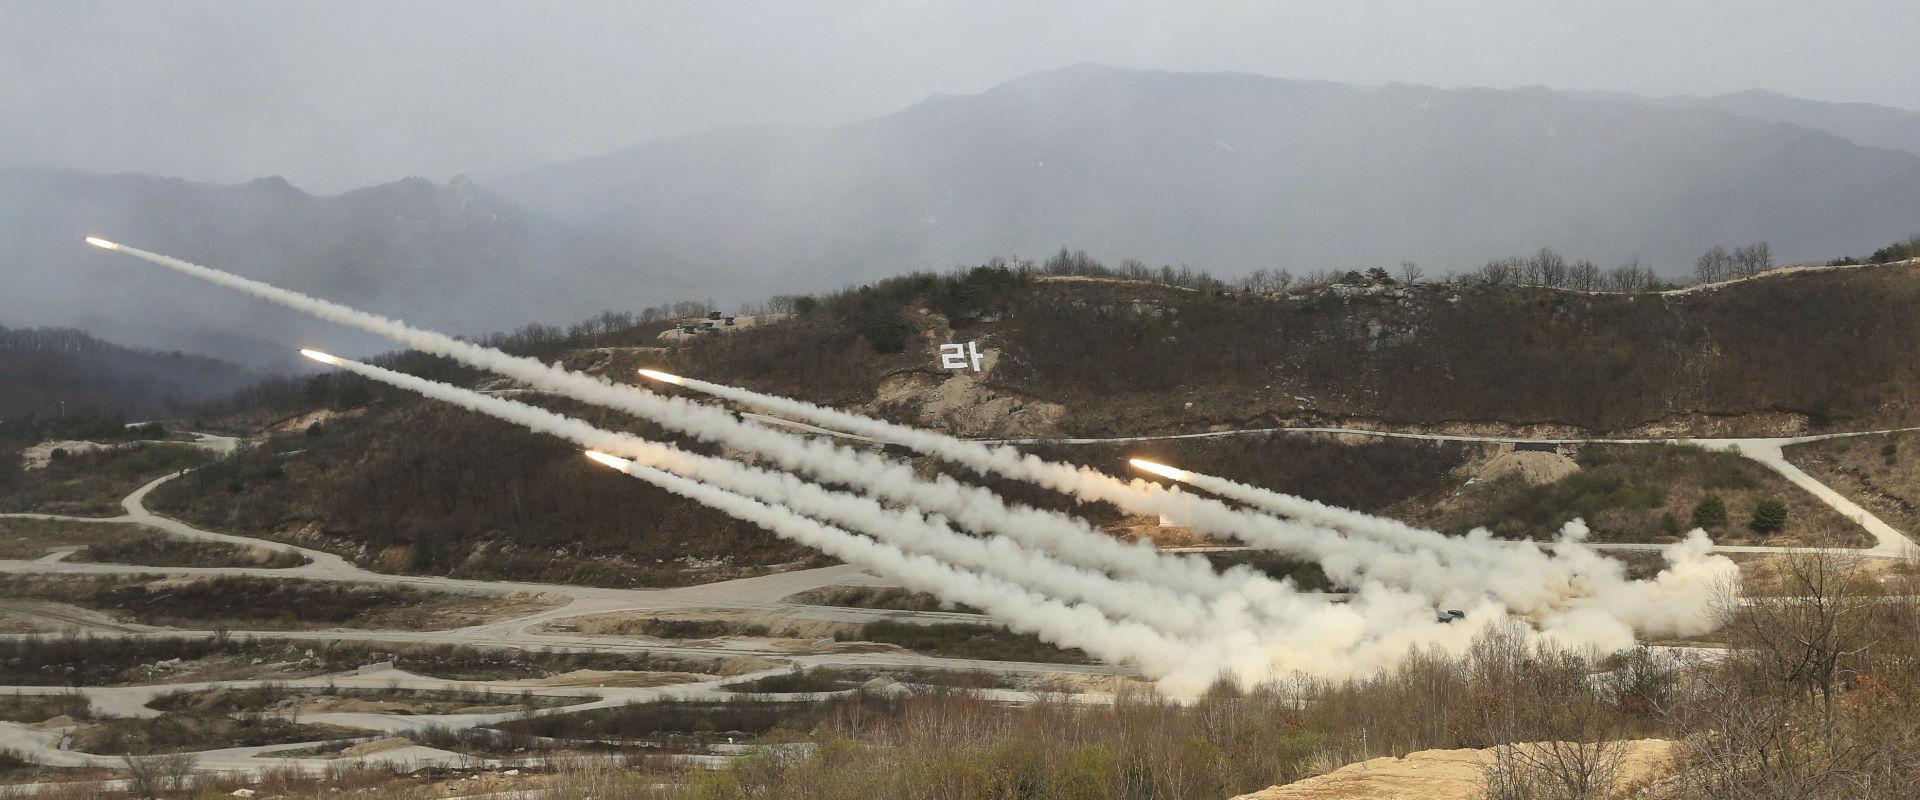 תרגיל צבאי של קוריאה הדרומית וארצות הברית